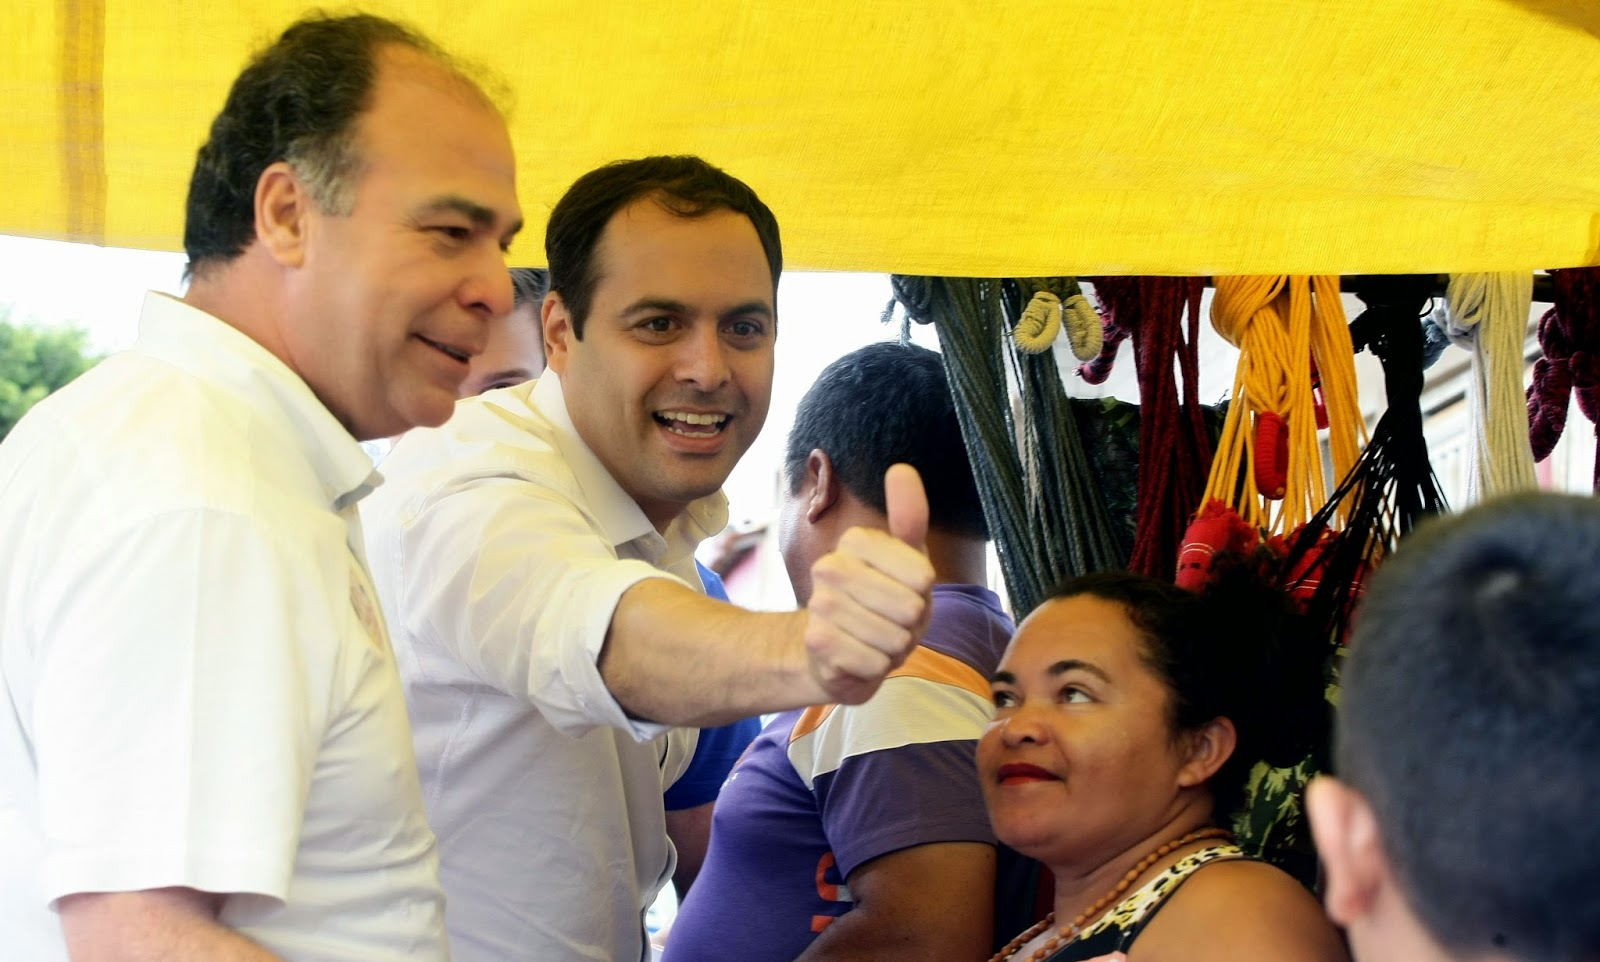 Símbolo de avanço no Governo Eduardo, Santa Filomena abre campanha de Paulo